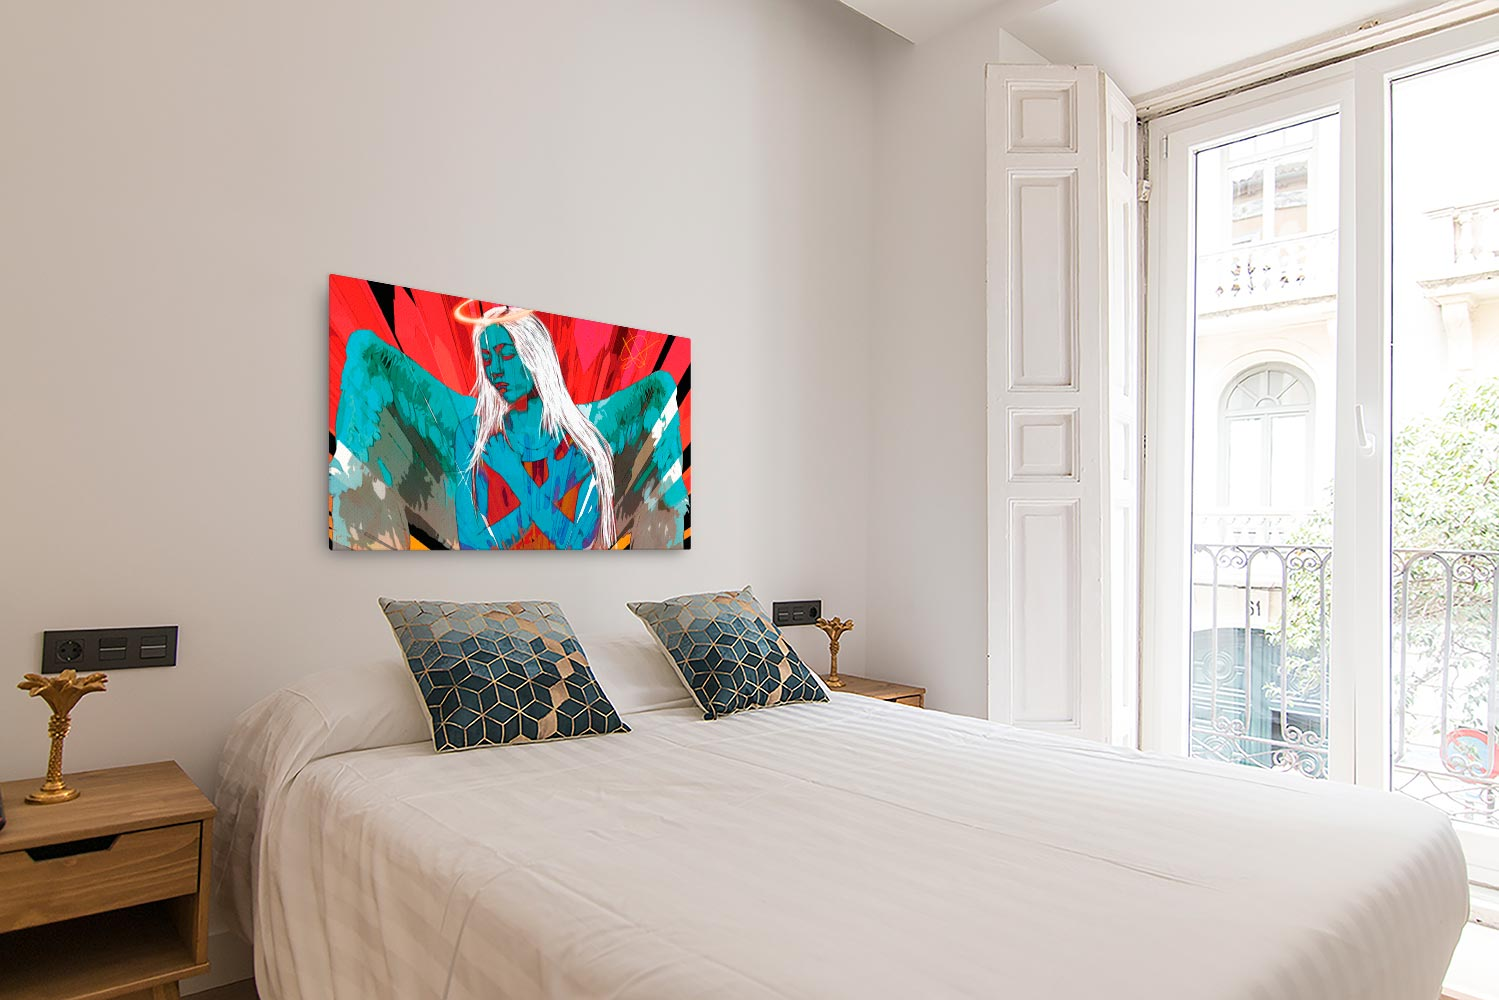 Reproducción de arte en lienzo - dormitorio con balcón - Angel Awakening - Diseño Digital - Ilustración - Fotografía y Pintura -pintado por WachiMakeArt